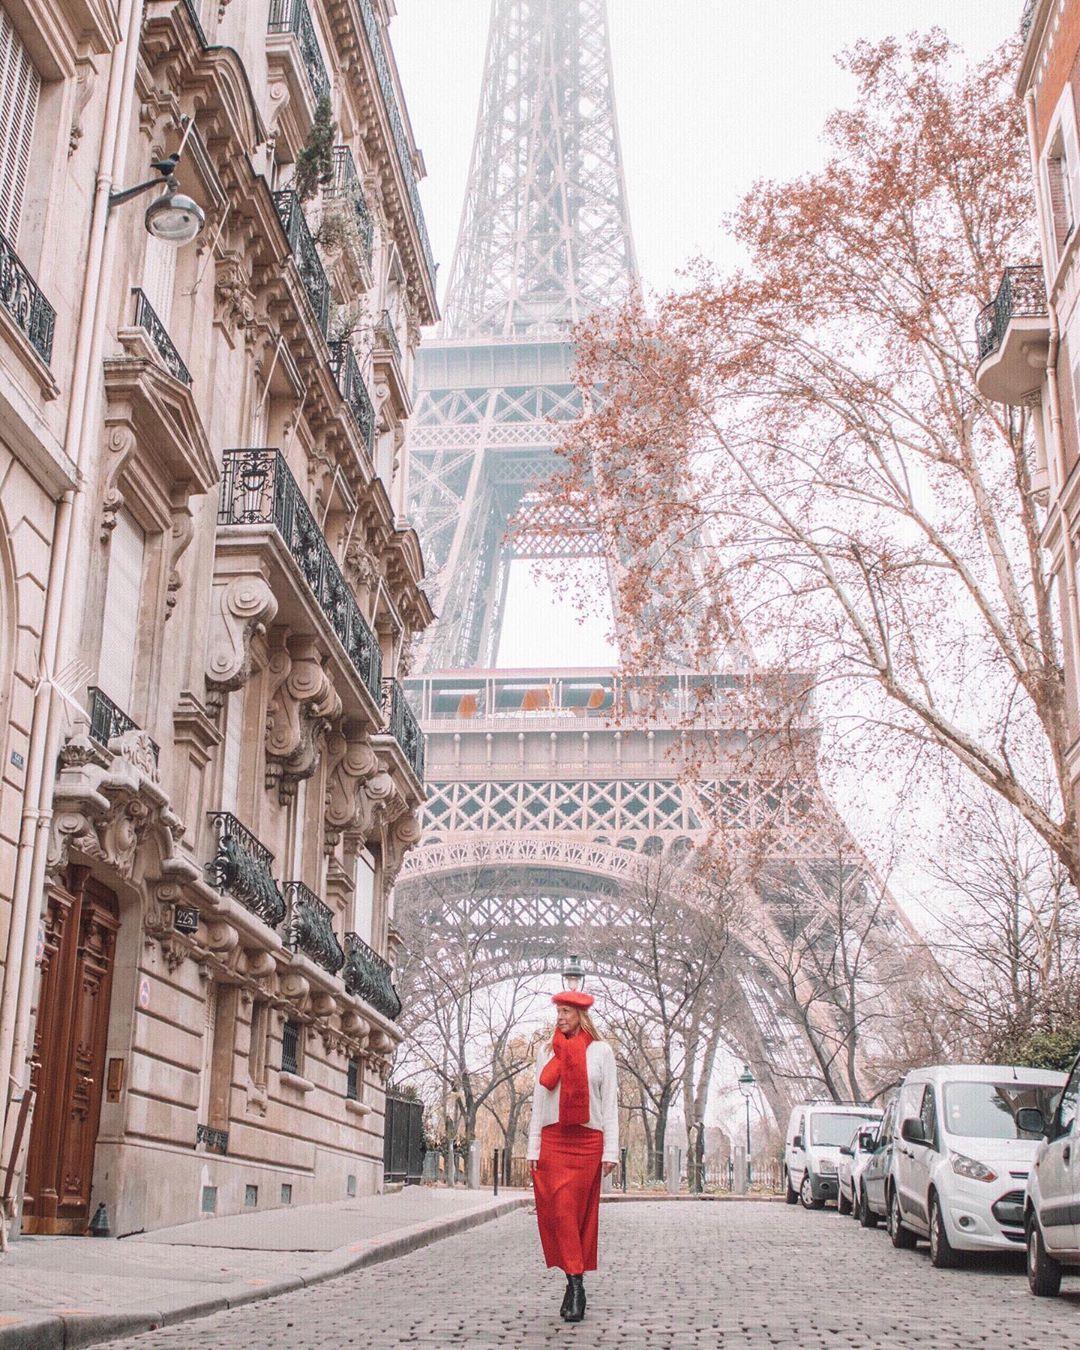 Die Schonsten Instagram Spots Und Foto Locations In Paris Guide Fur Blogger Paris Bilder Paris Reisen Reisefotos